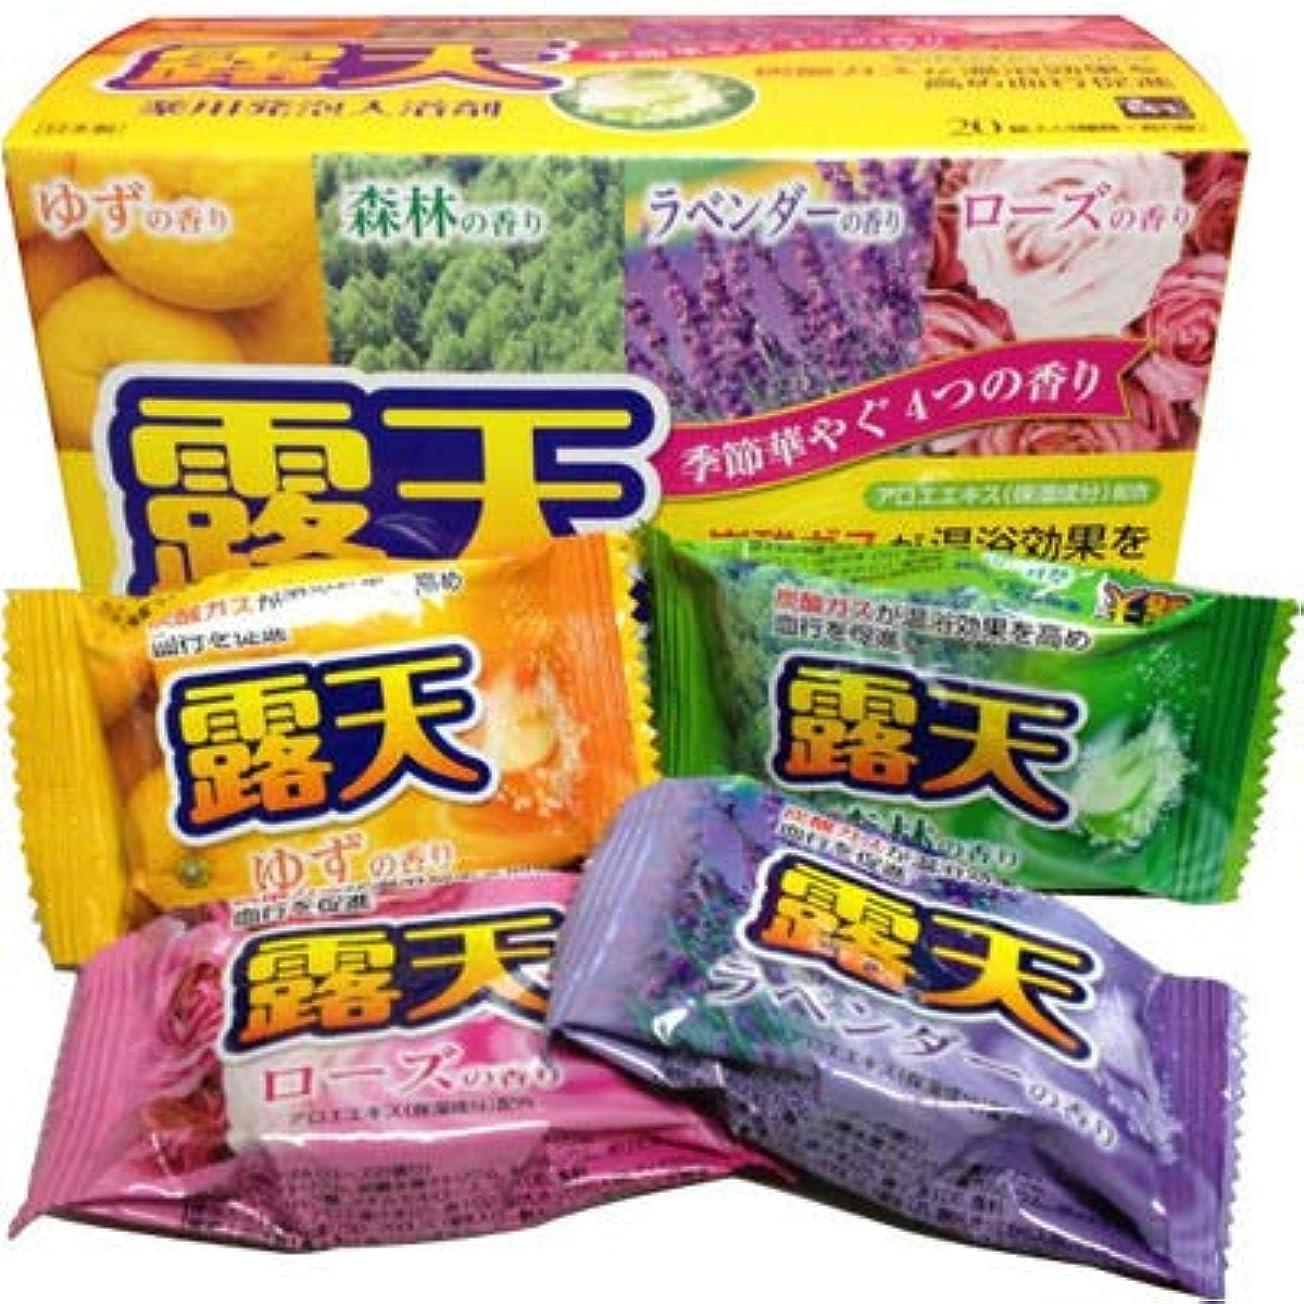 与えるブラウザパステル薬用発泡入浴剤 露天40g 4種類アソート(1セット400個入)